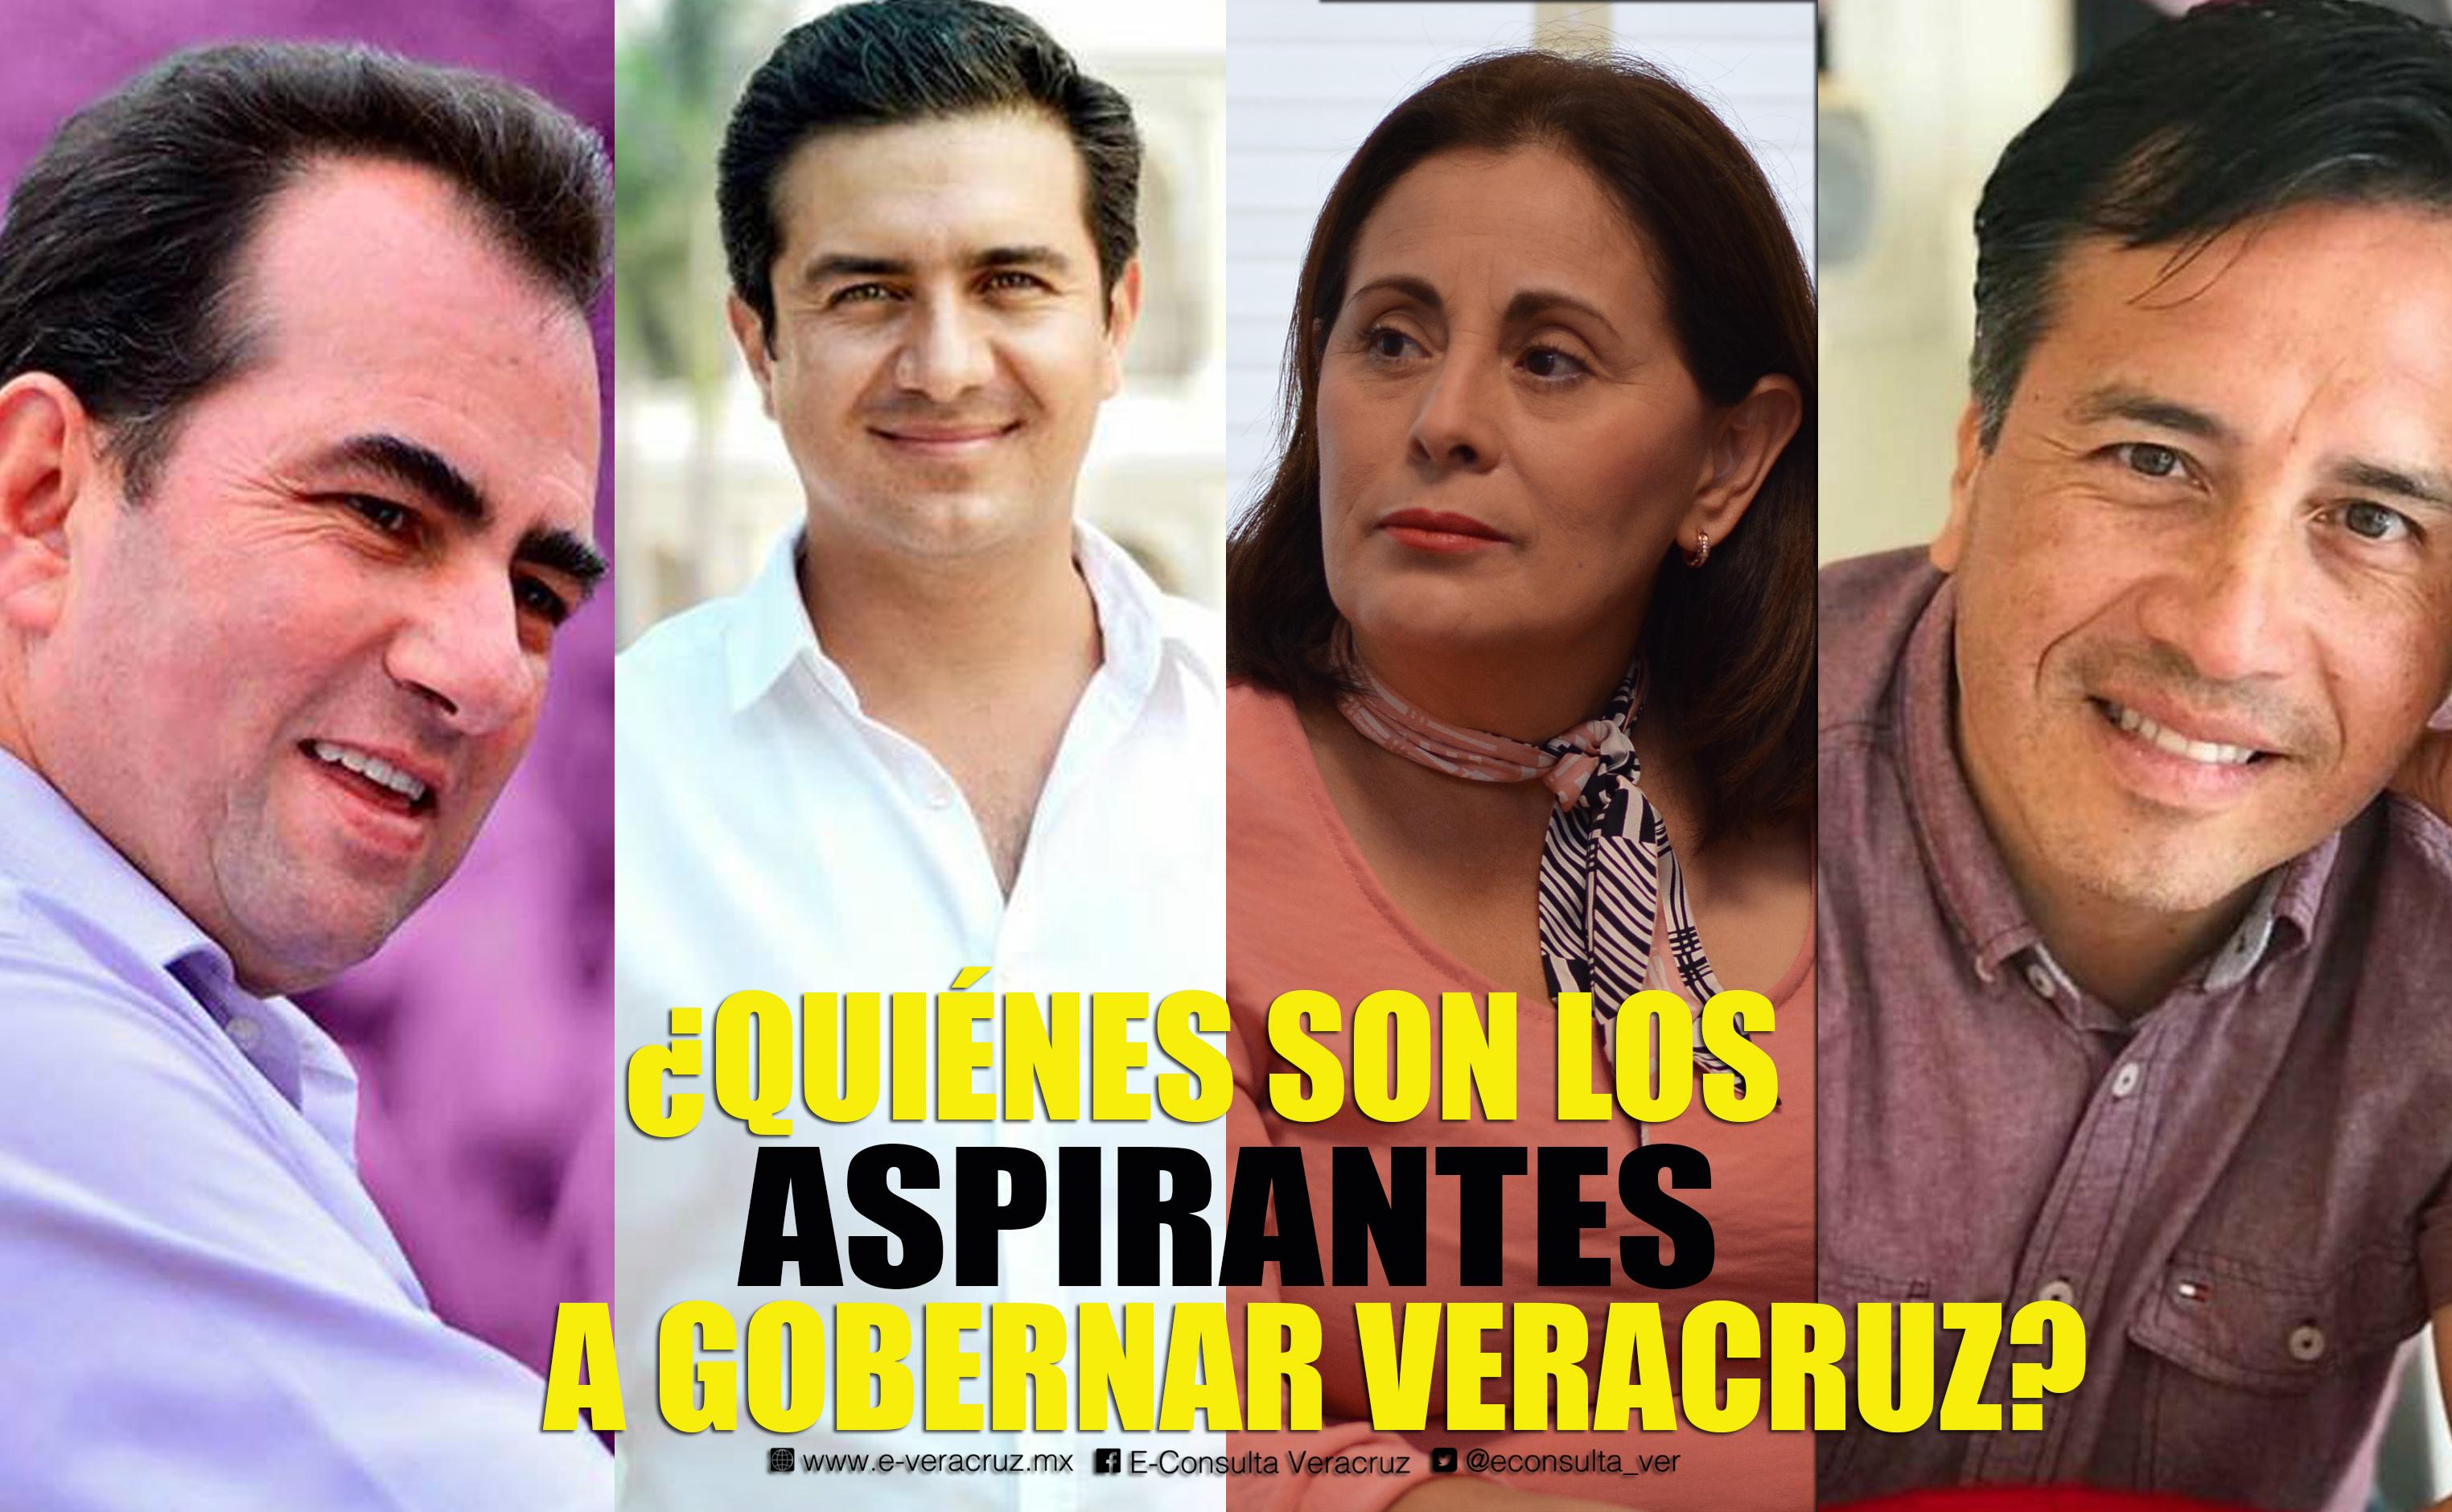 Conoce los perfiles de los candidatos a gobernador de Veracruz